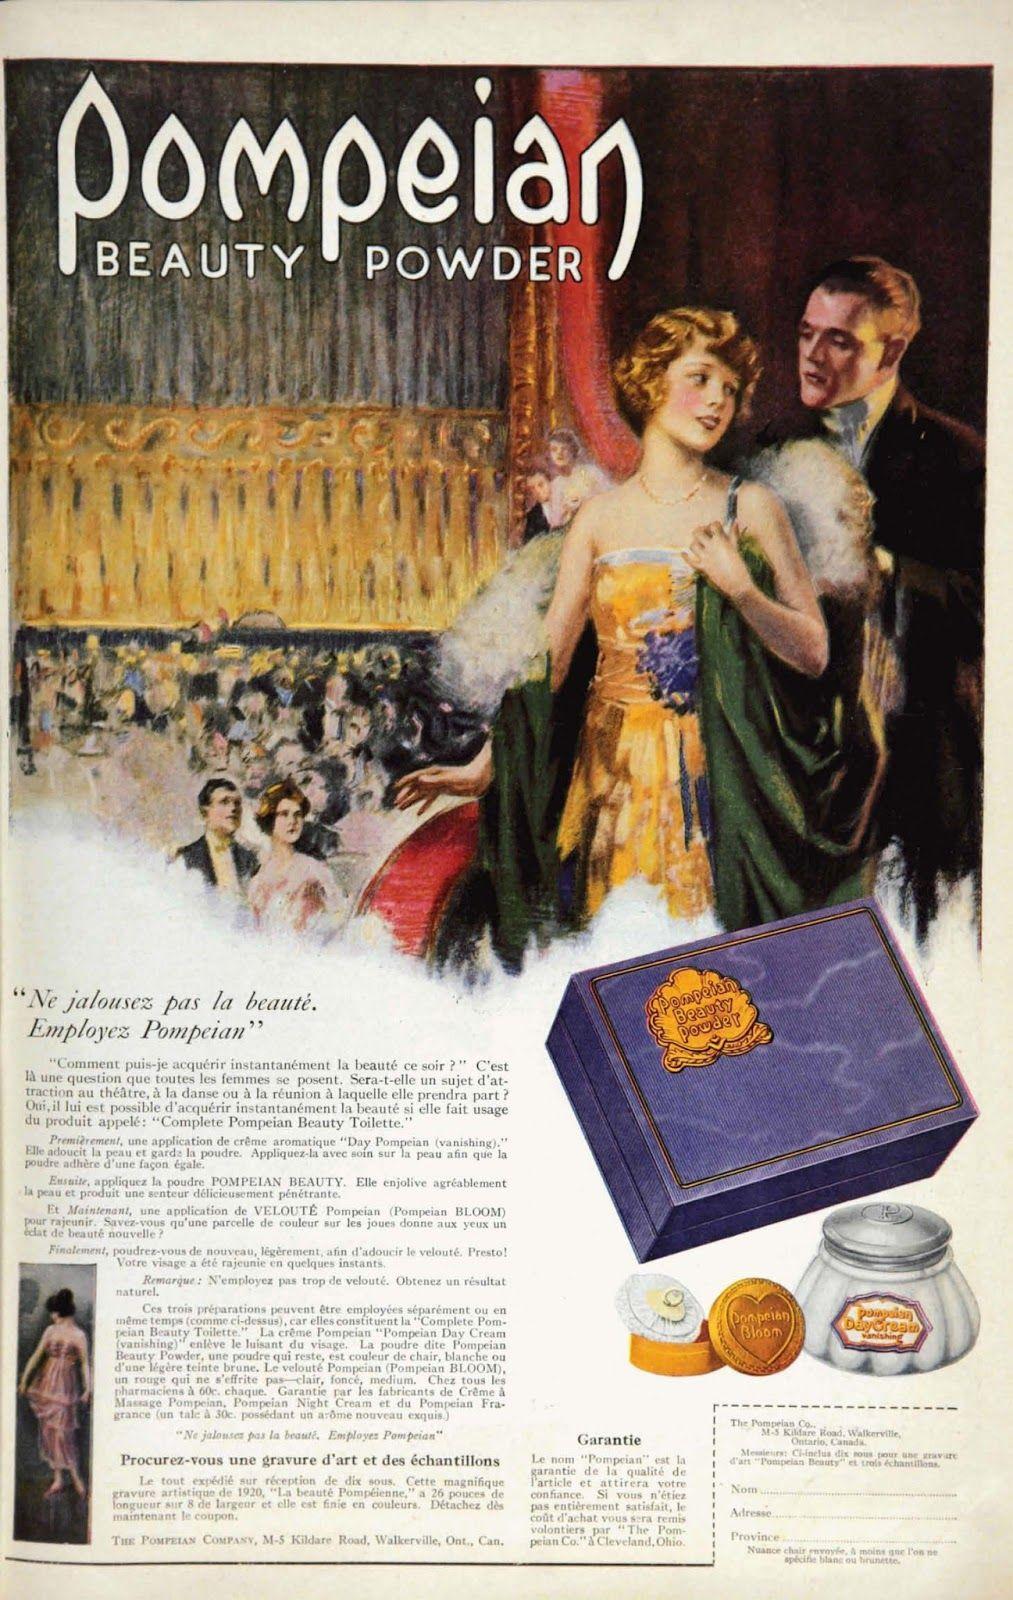 Publicités anciennes (Vintage ads)